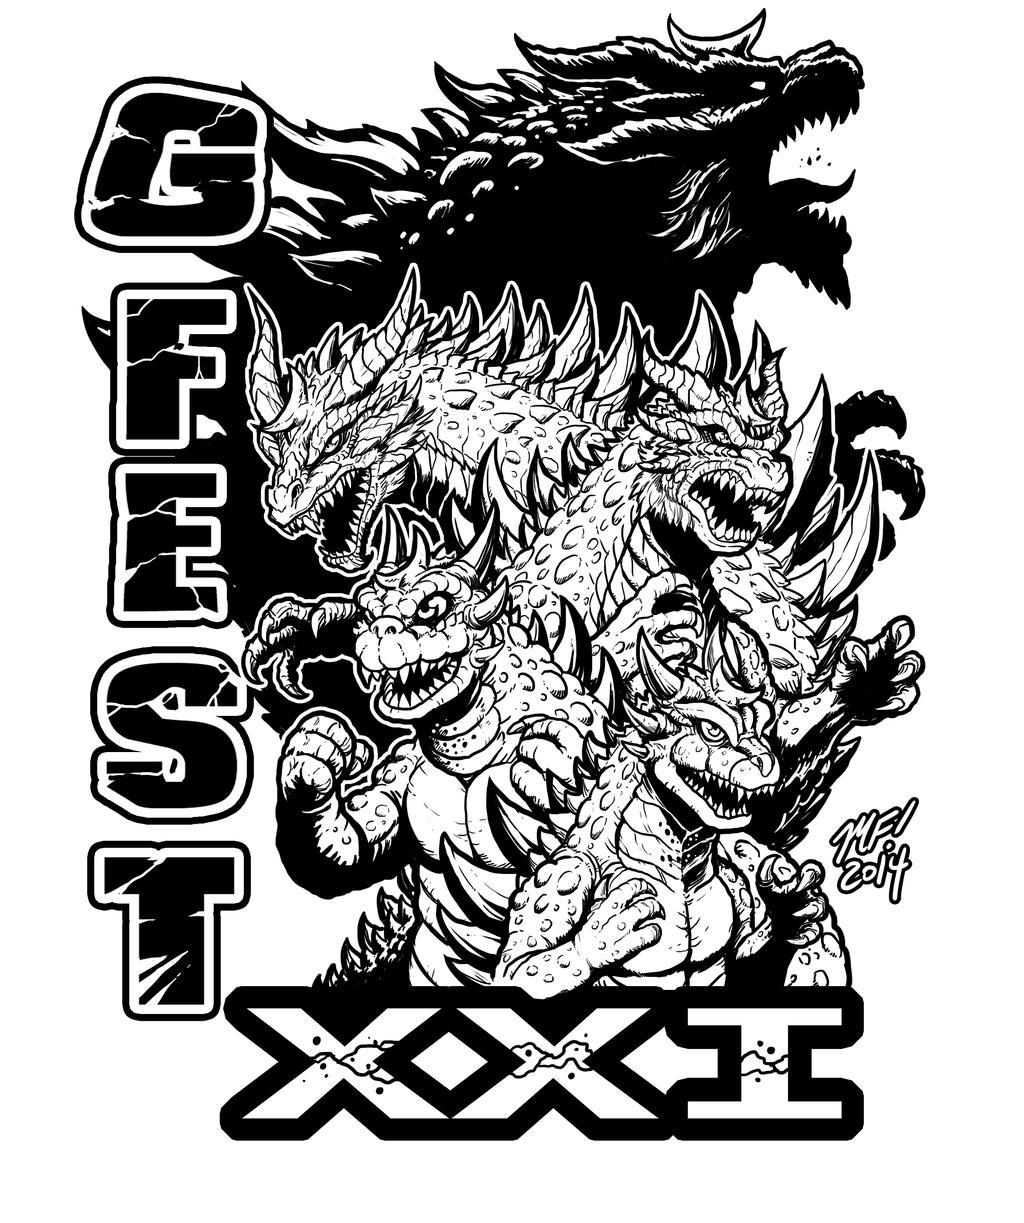 T shirt poster design -  Gfest Xxi Shirt Poster Design By Kaijusamurai